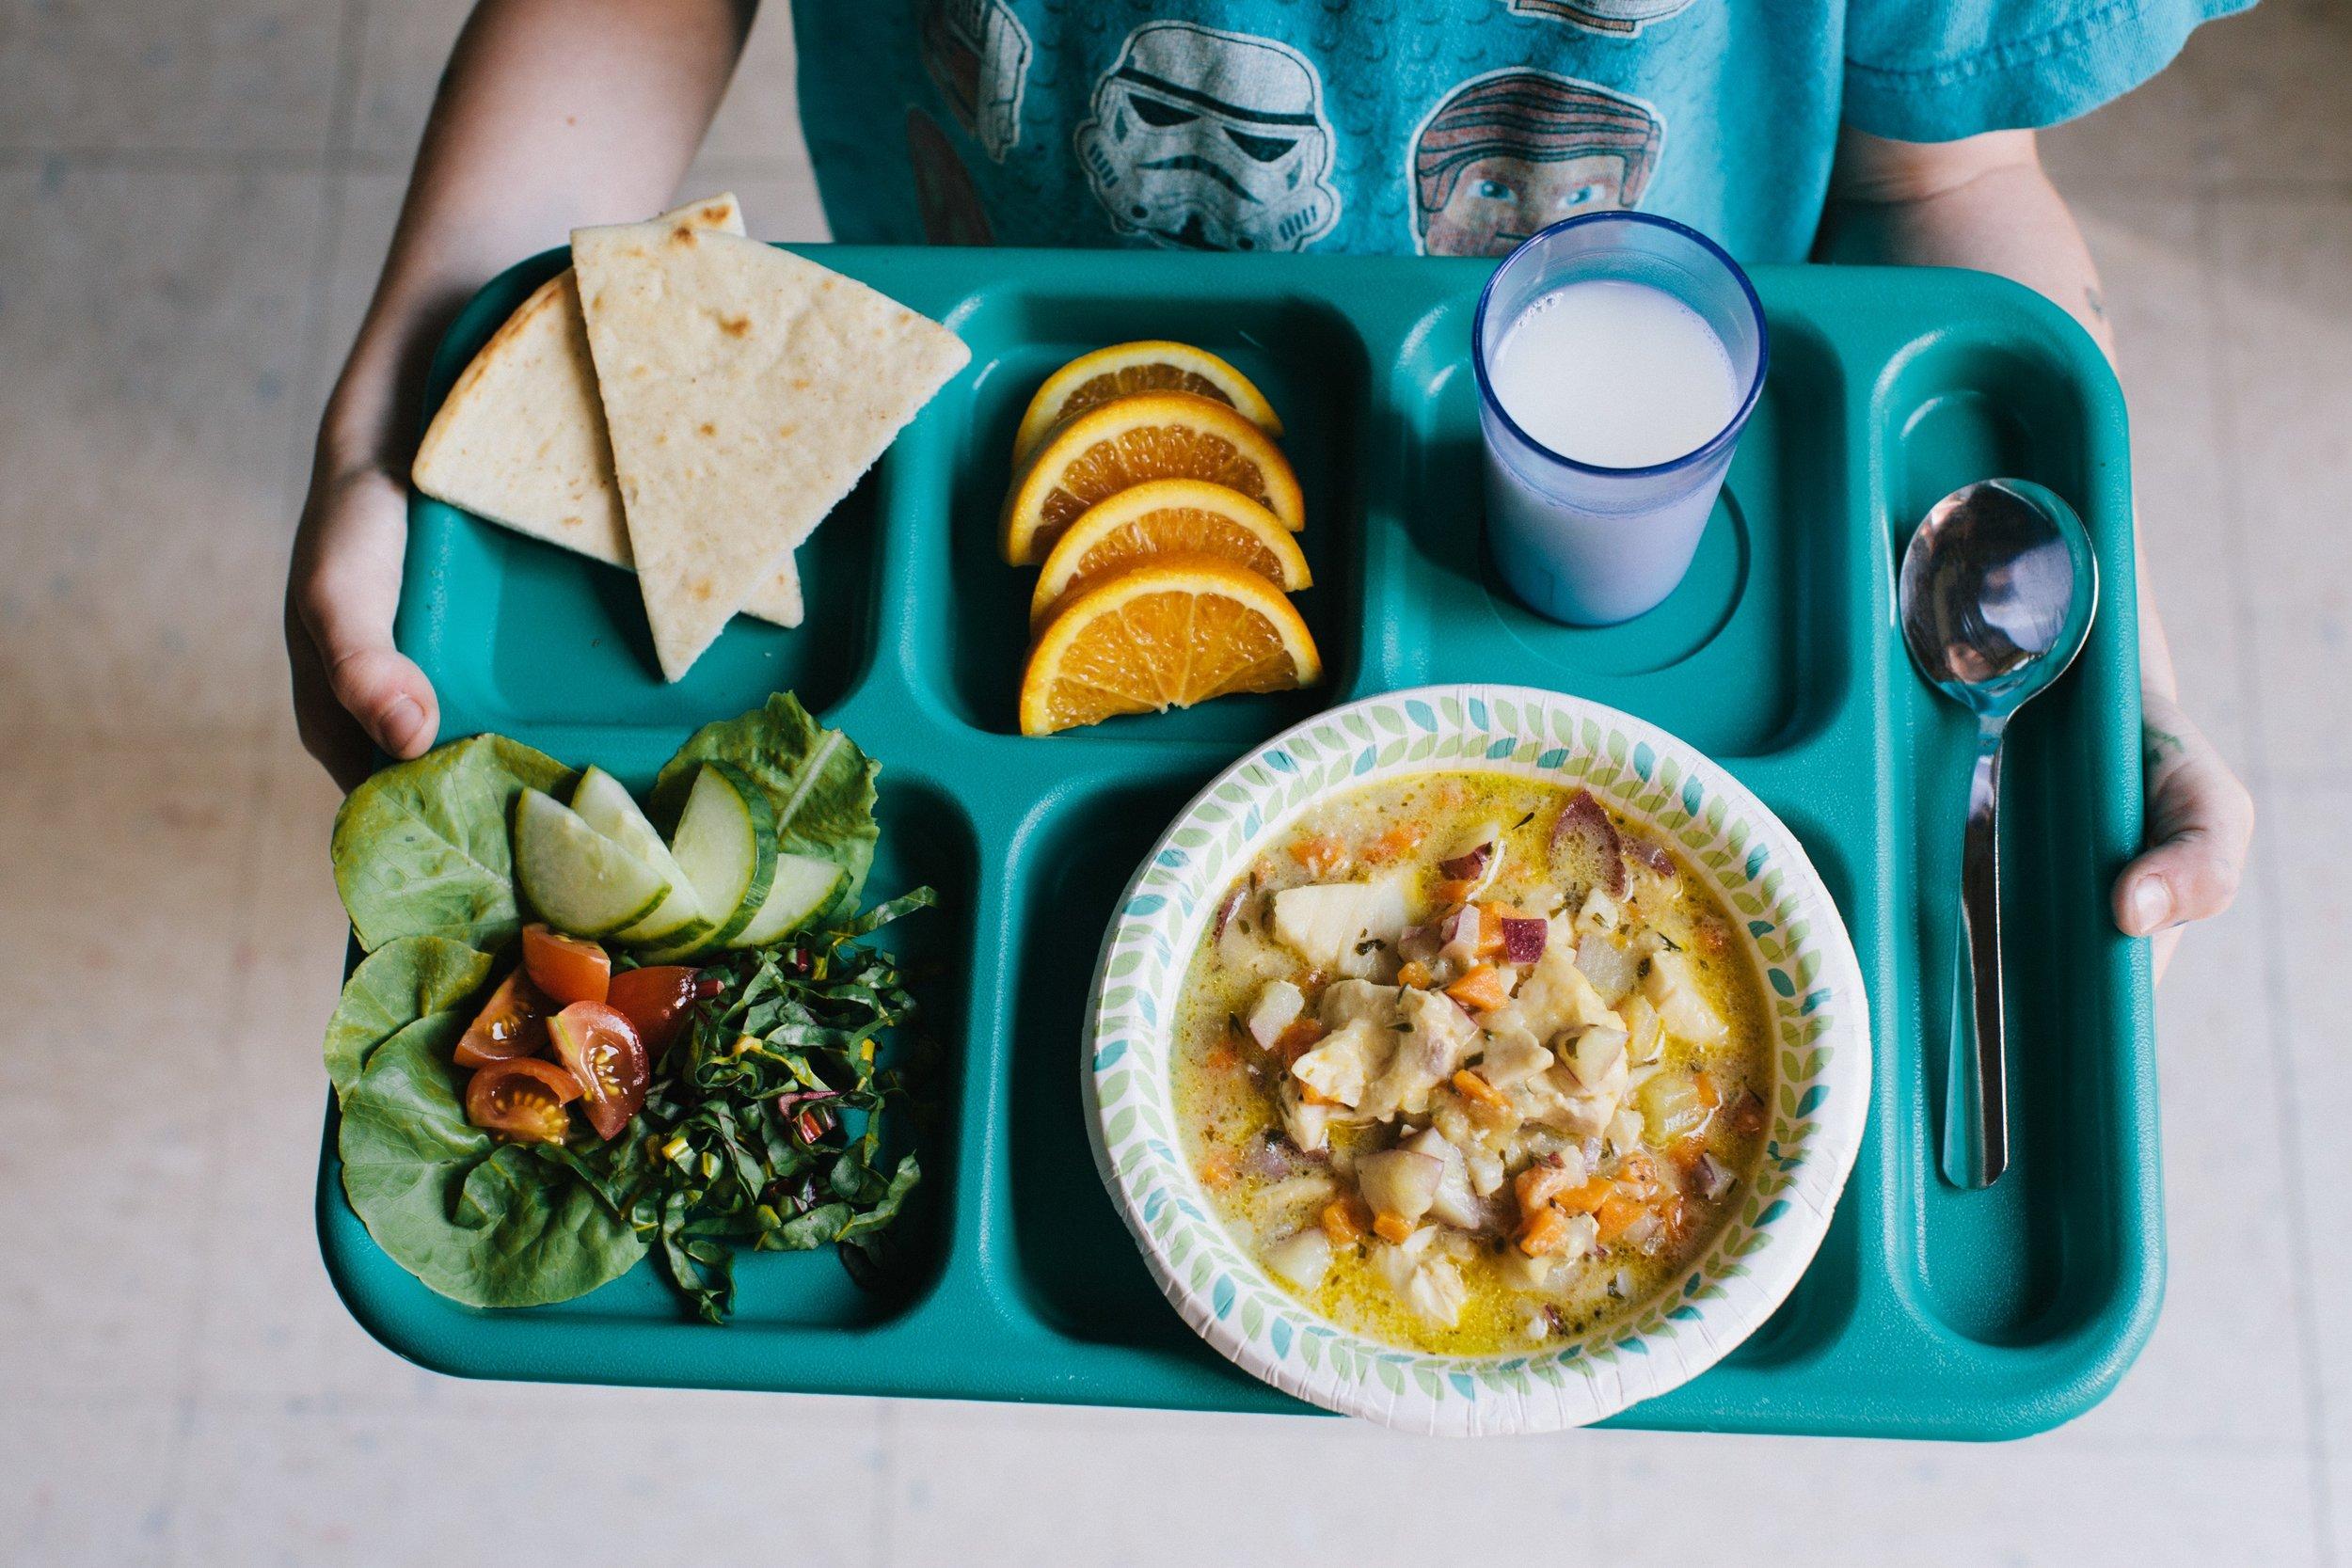 marthas-vineyard-school-lunch-fish-chowder.jpg